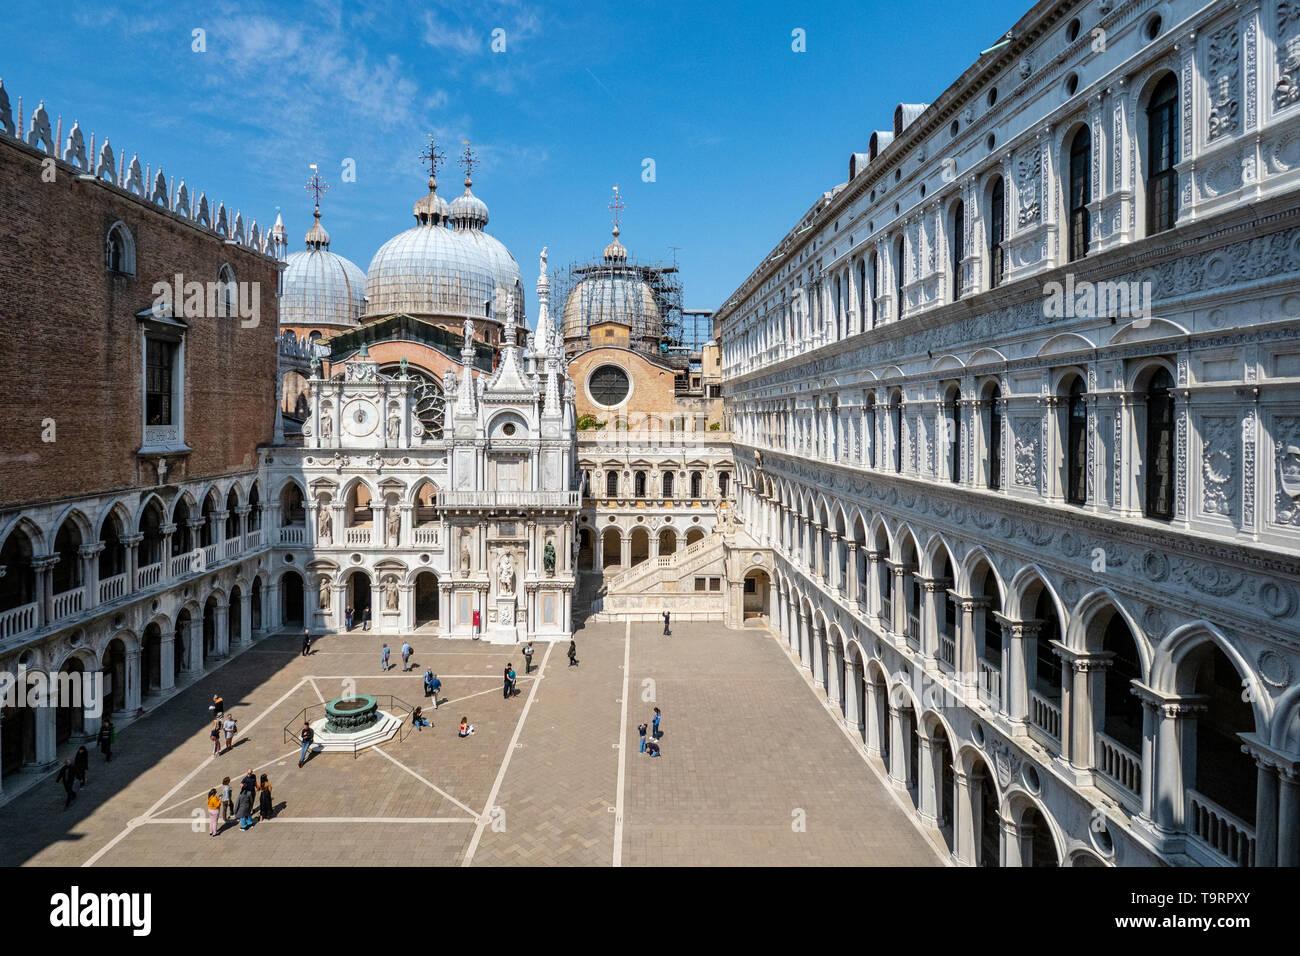 Venezia, Italia - 18 aprile 2019 sul cortile interno del Palazzo Ducale con pochi visitatori durante il giorno. Foto Stock